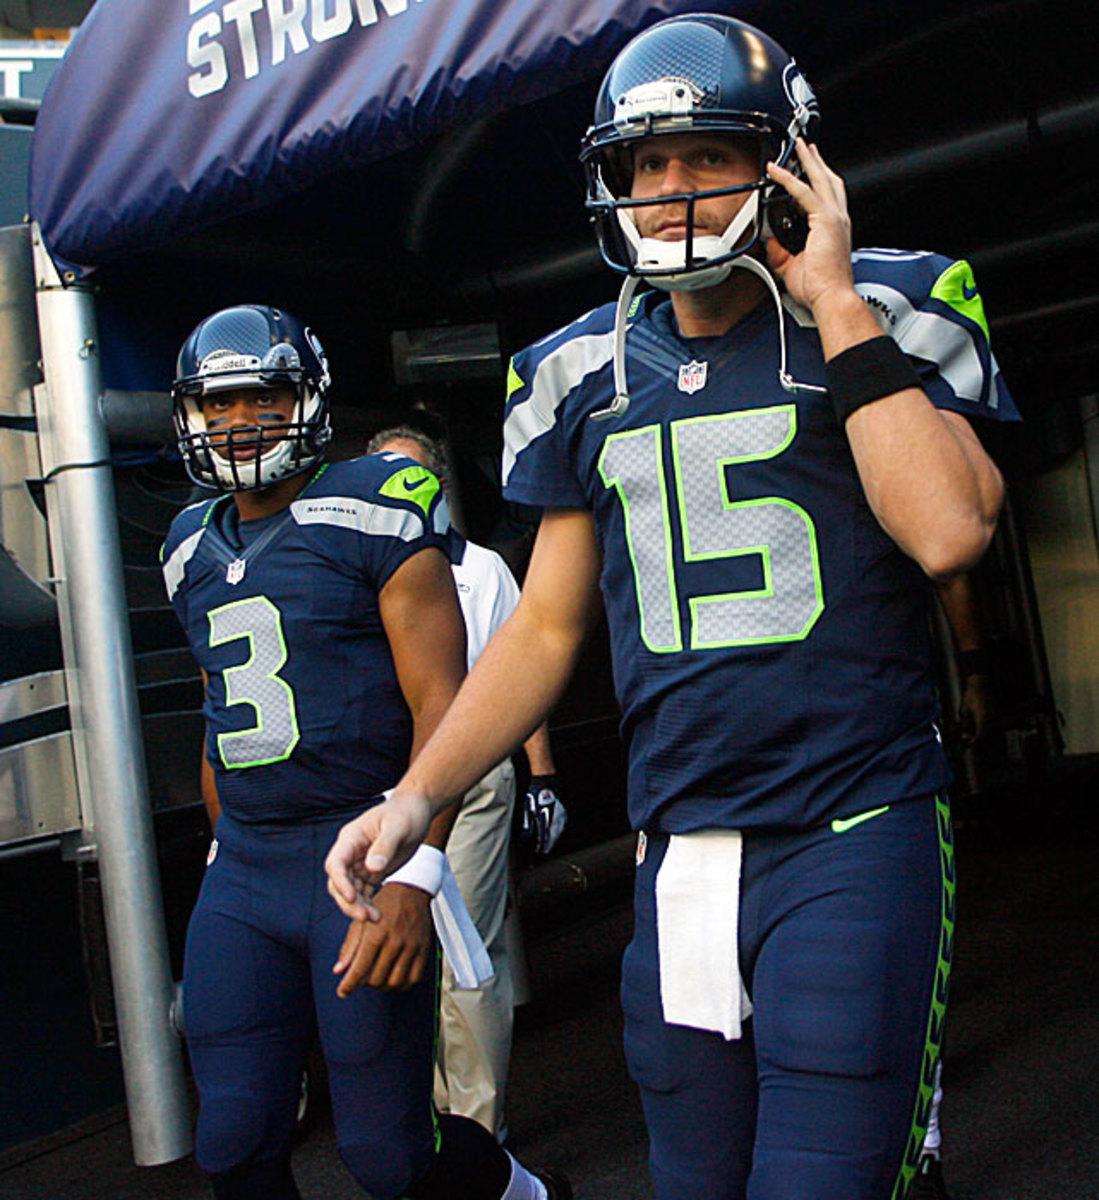 Russell Wilson & Matt Flynn -- Seahawks